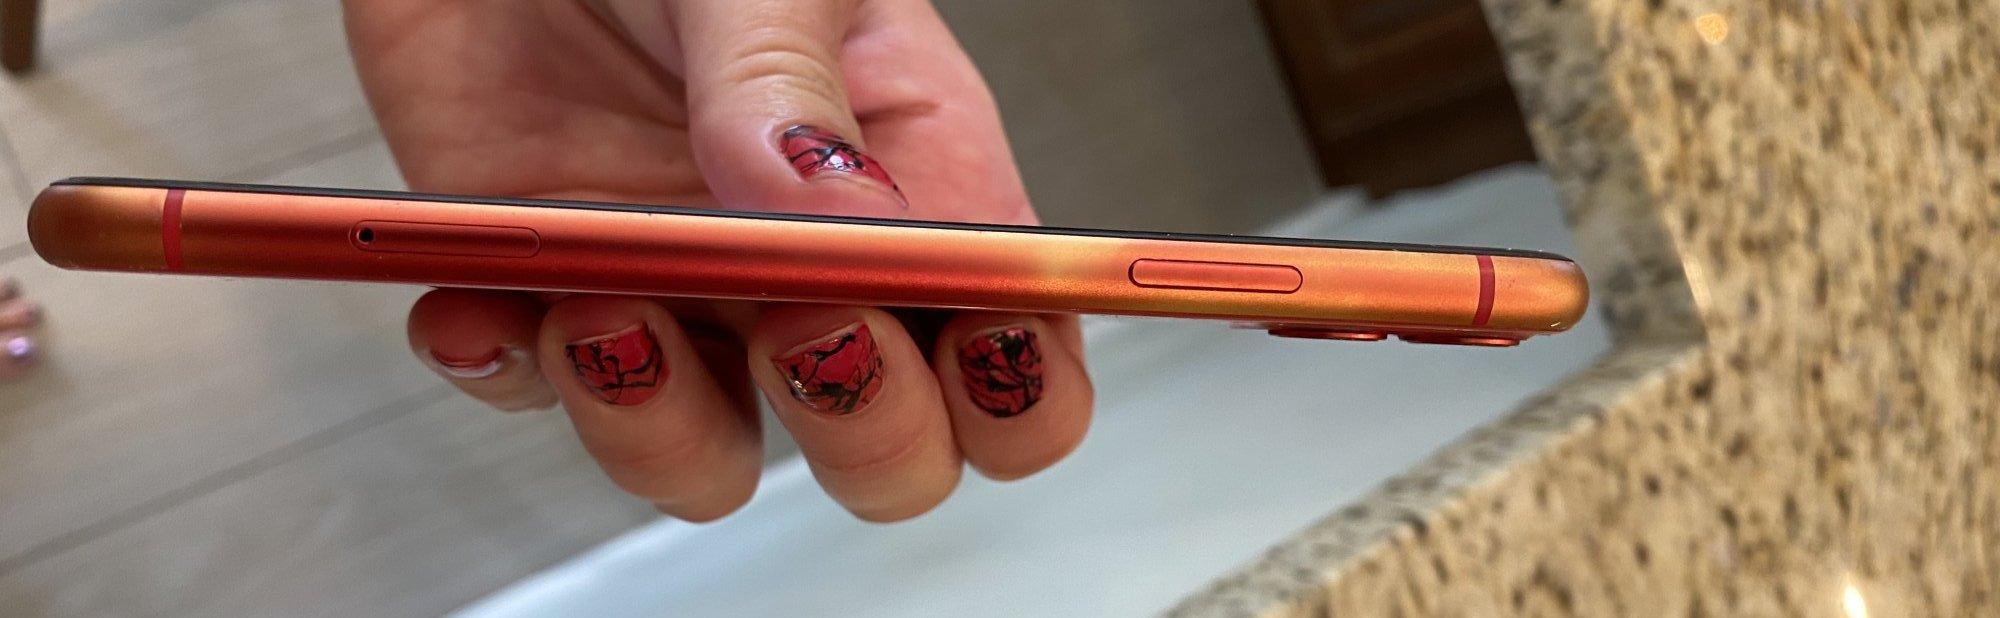 iPhone 11 scolorito